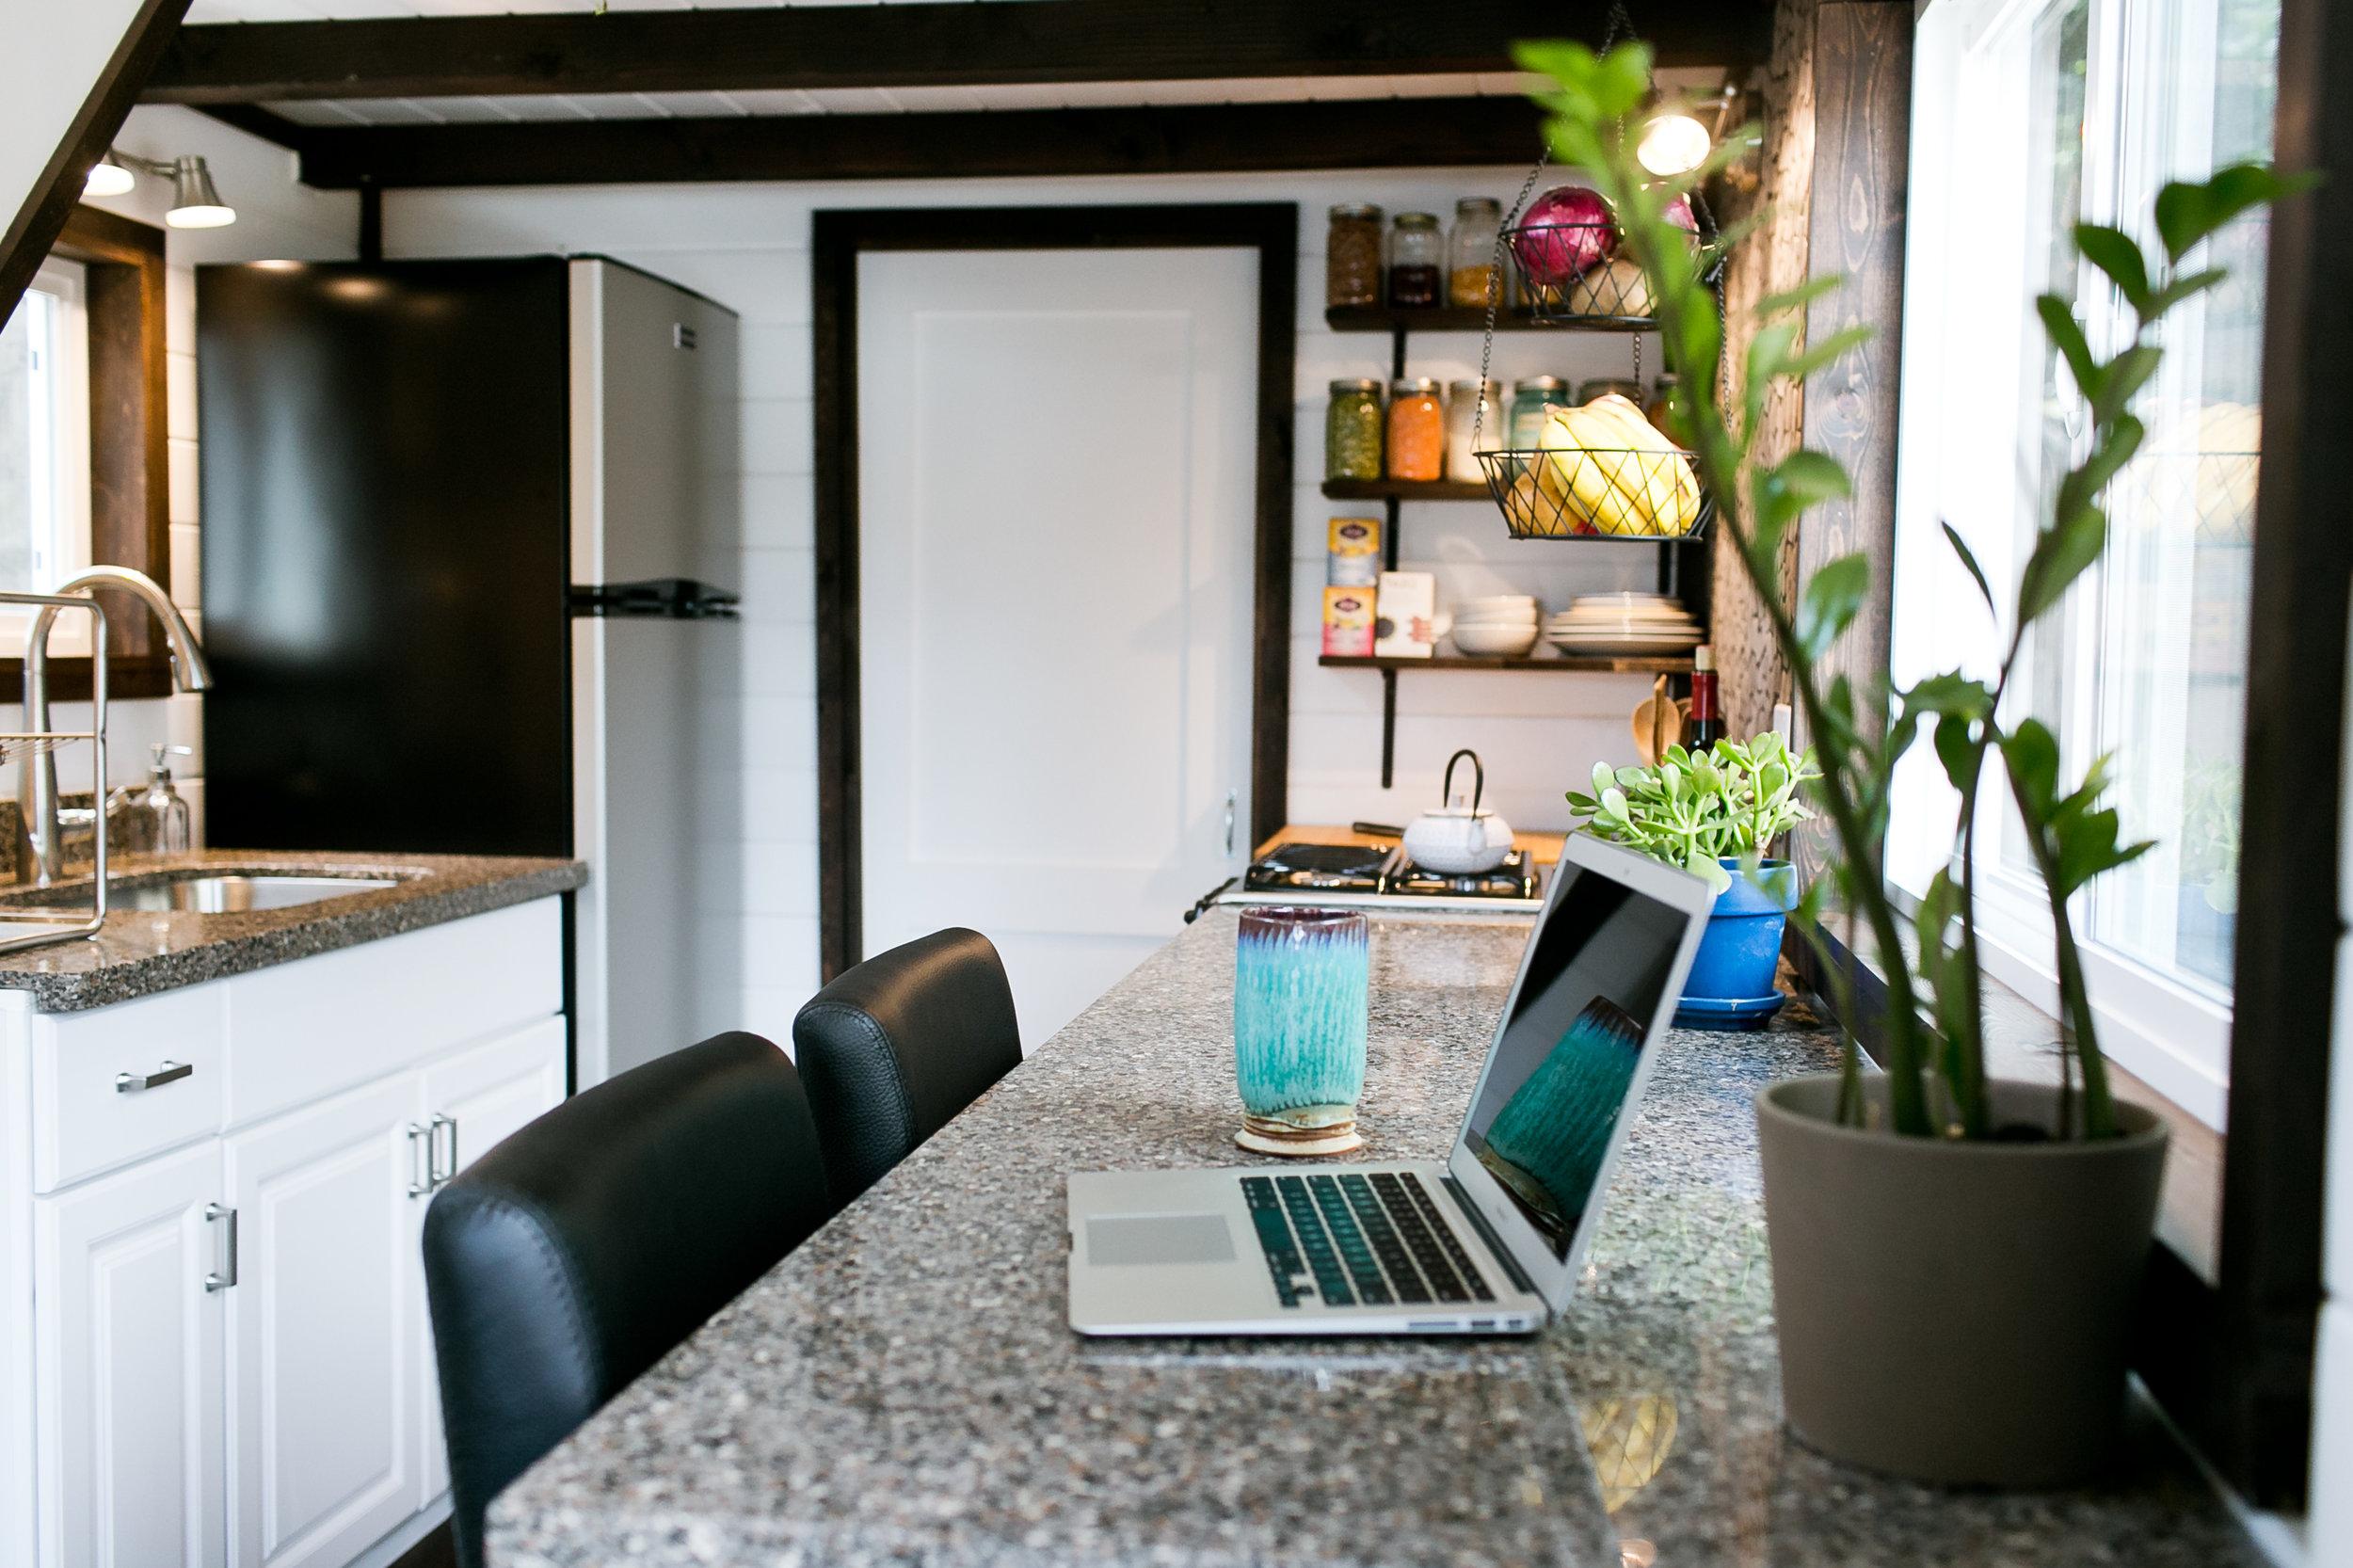 Large 10' granite/quartz counter work space